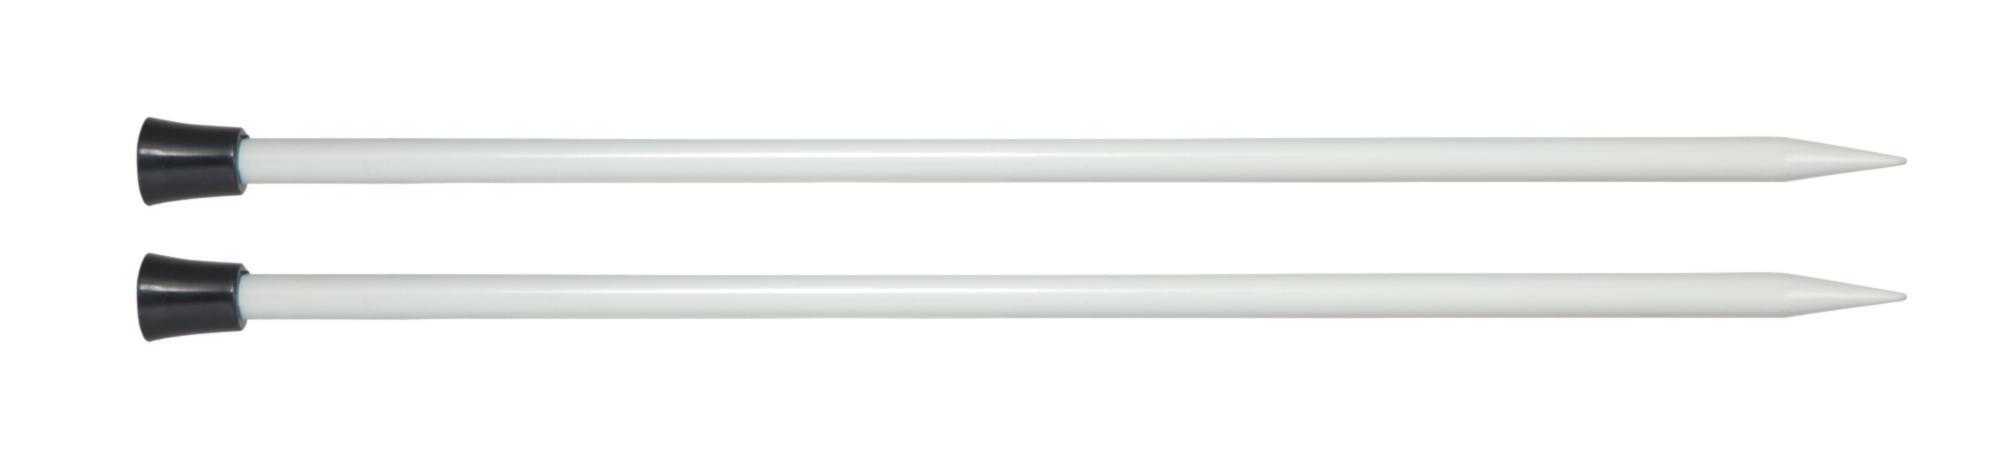 Спицы прямые 35 см Basix Aluminium KnitPro, 45266, 4.50 мм